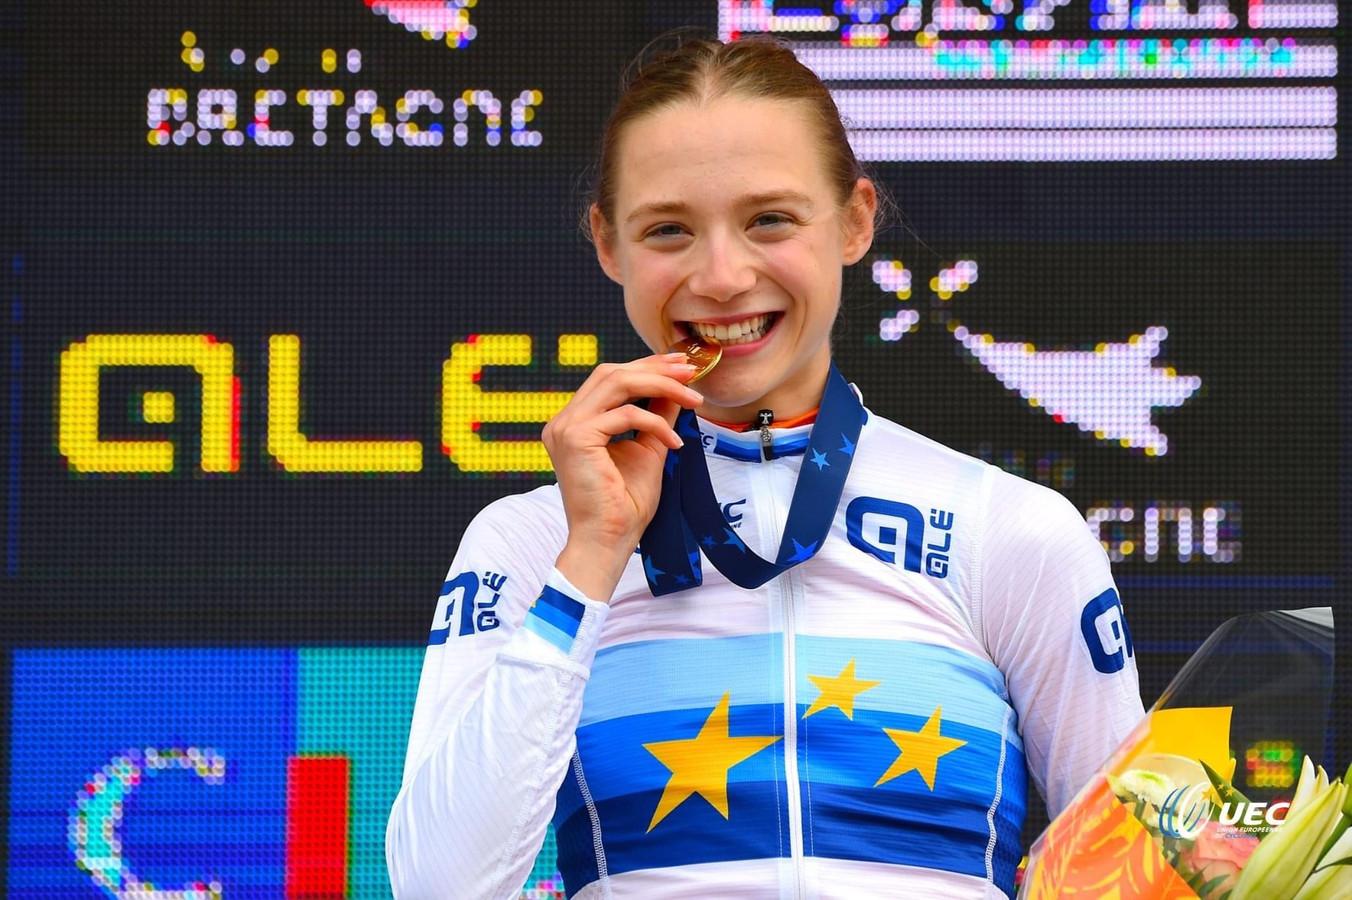 Elise Uijen staat in Plouay te genieten op het podium in haar trui van Europees kampioene.